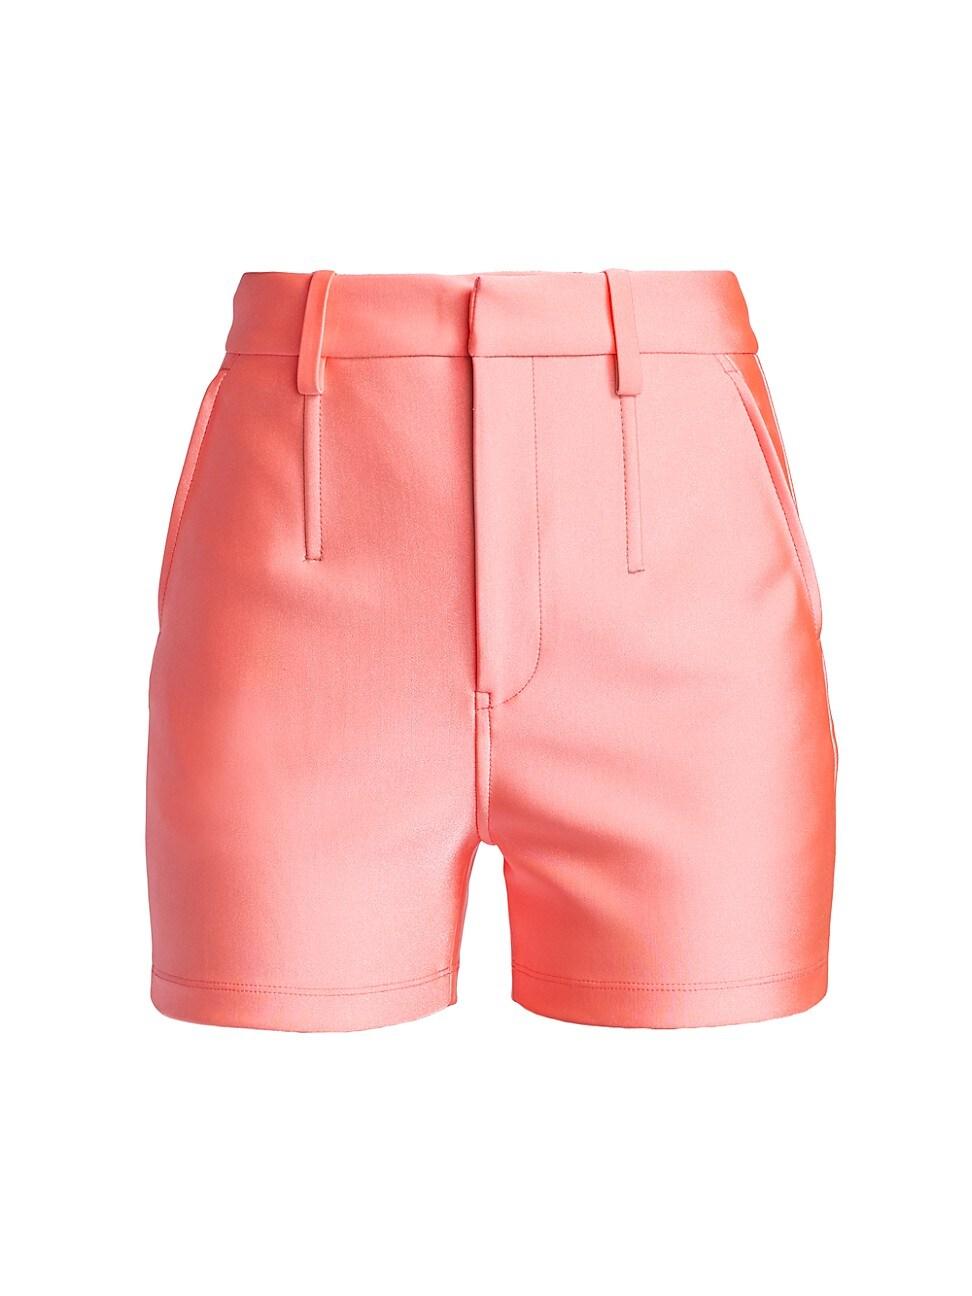 Alexander Wang Boning Bike Shorts In Bright Pink